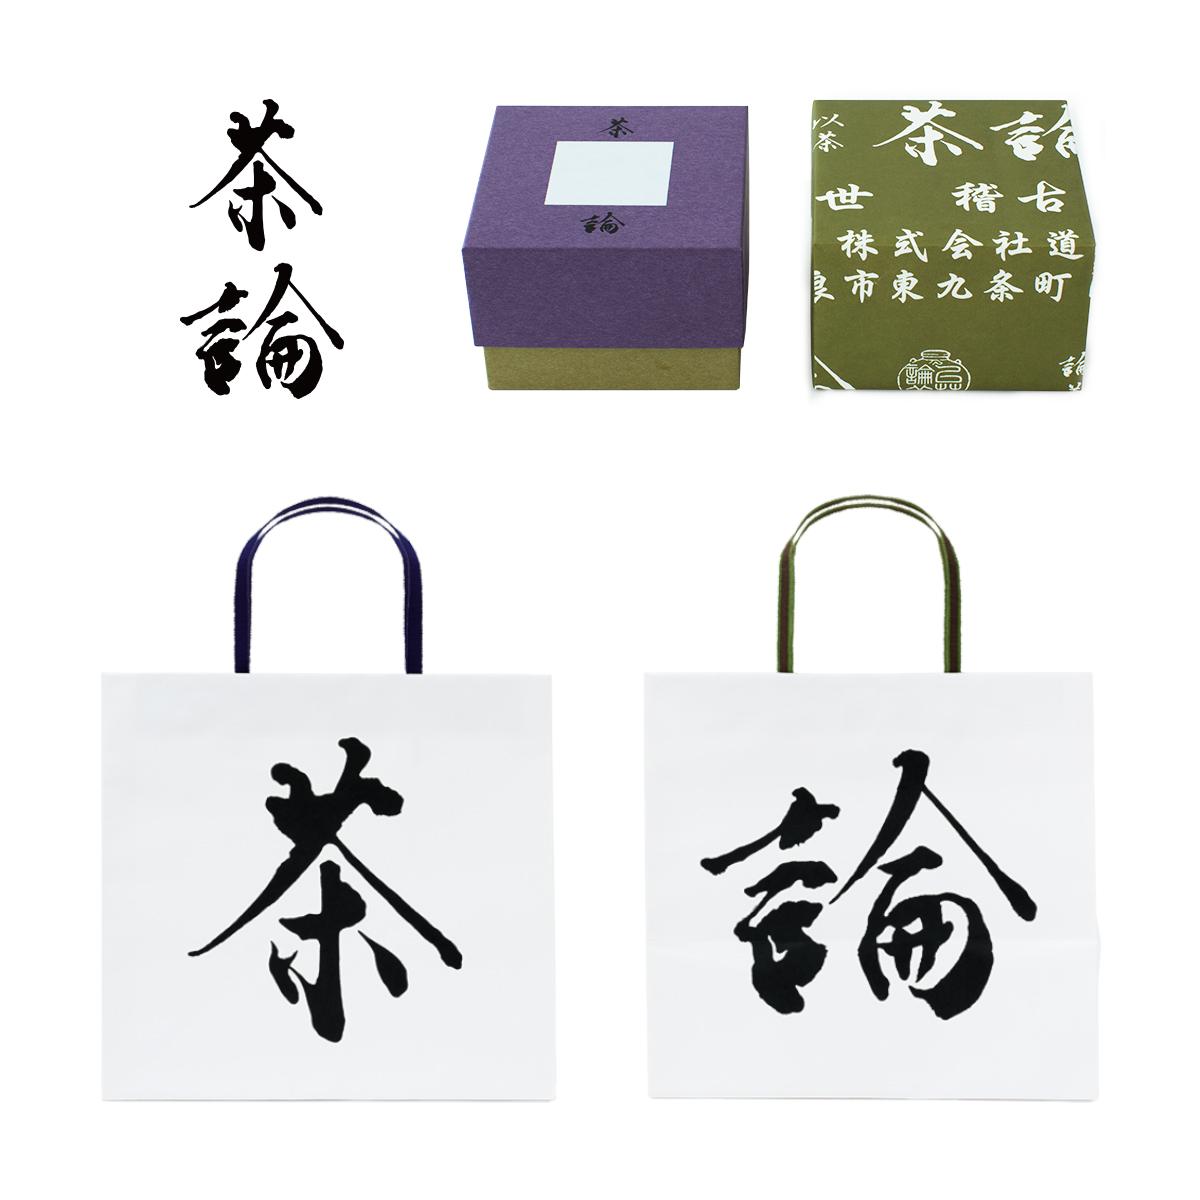 茶論 / 2018 | ロゴ、パッケージ、紙袋